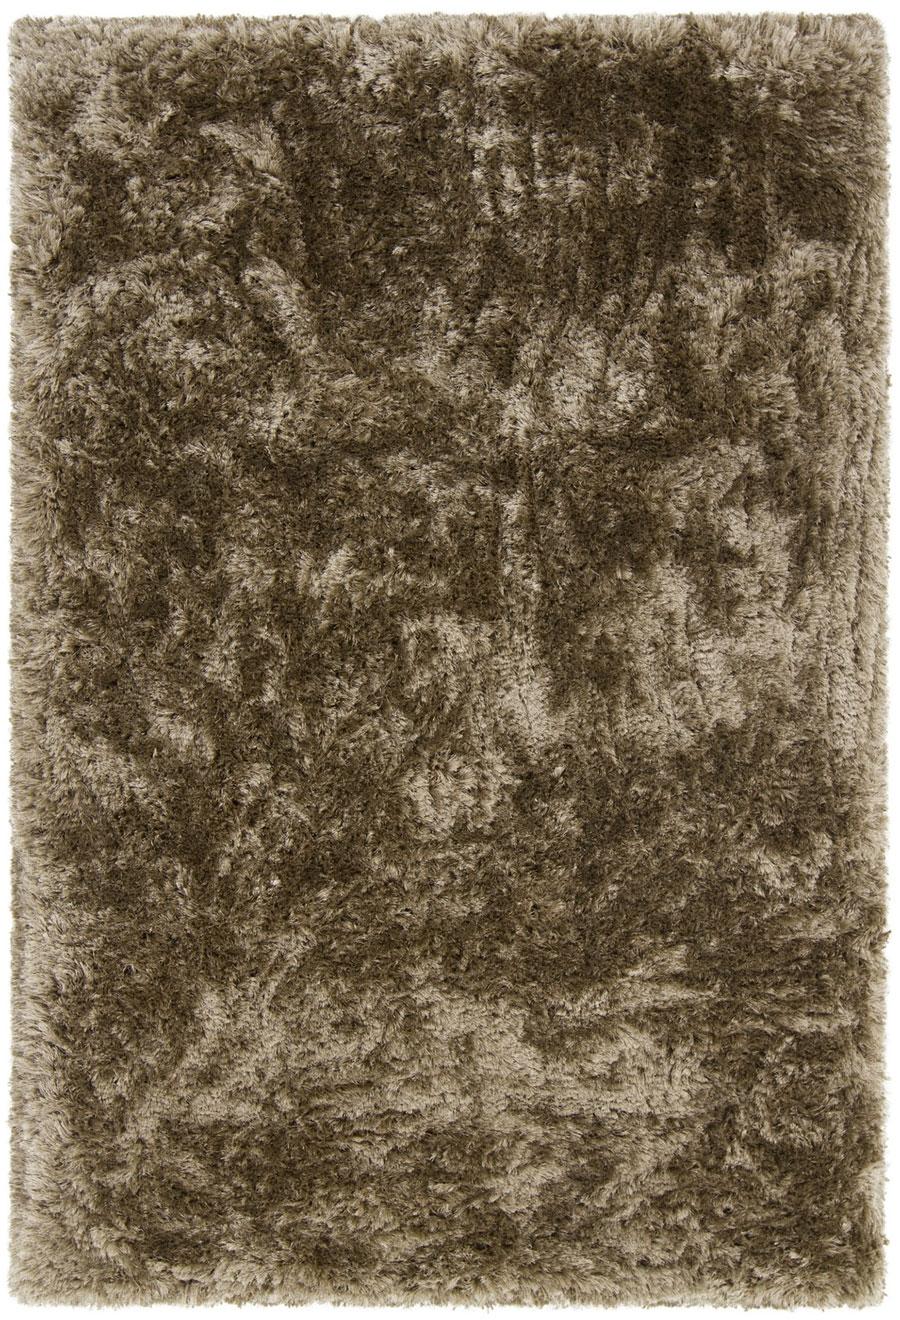 Chandra Giulia Giu27801 Area Rug